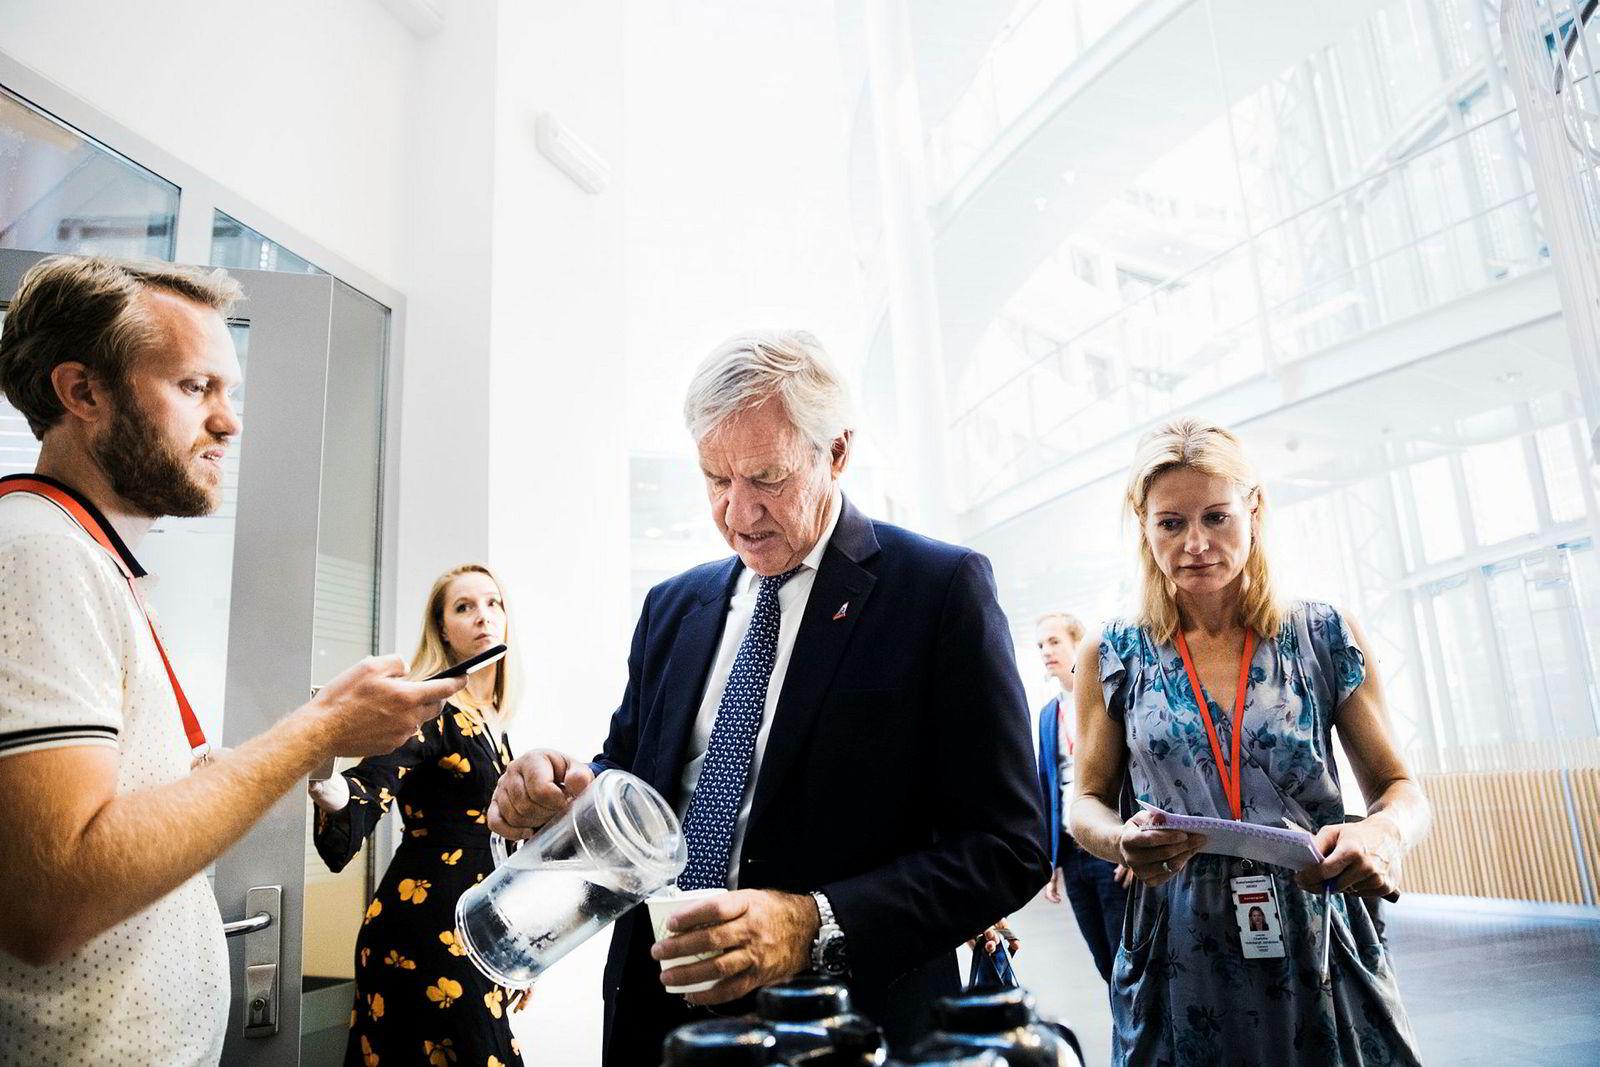 Norwegian-sjef Bjørn Kjos har i flere år bedt om Regjeringens hjelp til å få fly østover mot Kina, men konkurrenten SAS har fortsatt enerett.